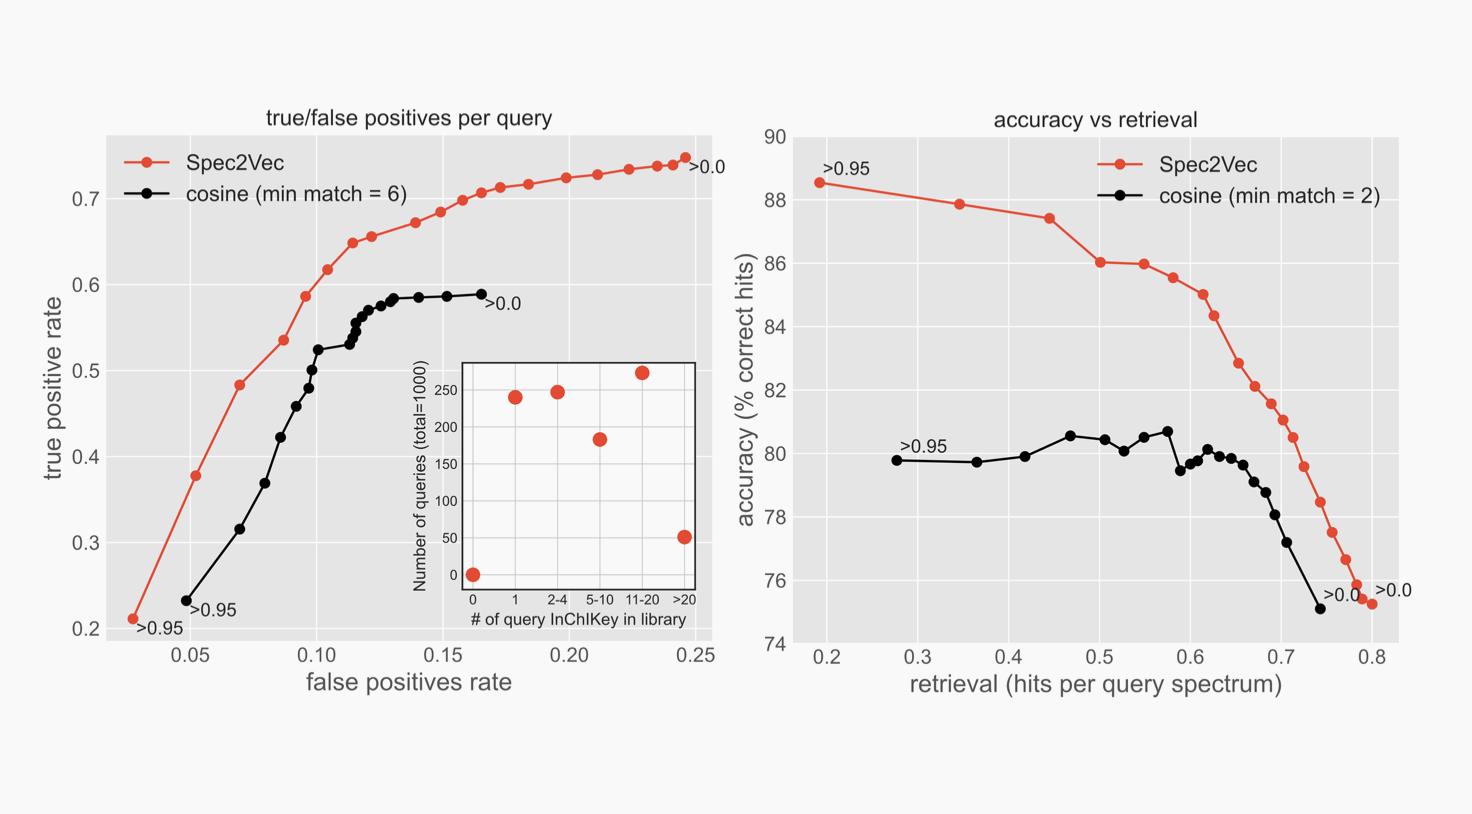 Zwei Diagramme, die die Übereinstimmungsraten zwischen Spec2Vec und Kosinus-Ähnlichkeit in Bezug auf wahr-positive und falsch-positive Ergebnisse sowie Genauigkeit und Abrufbarkeit vergleichen.